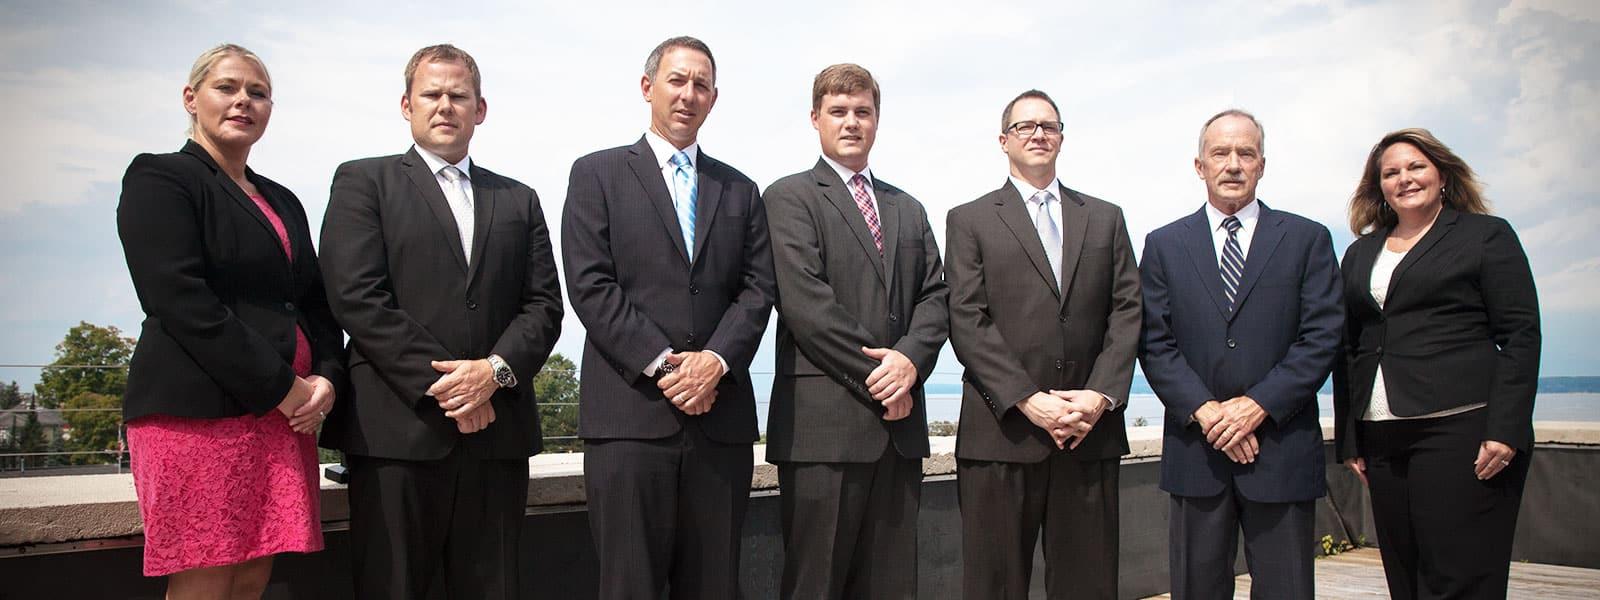 slider-attorneys